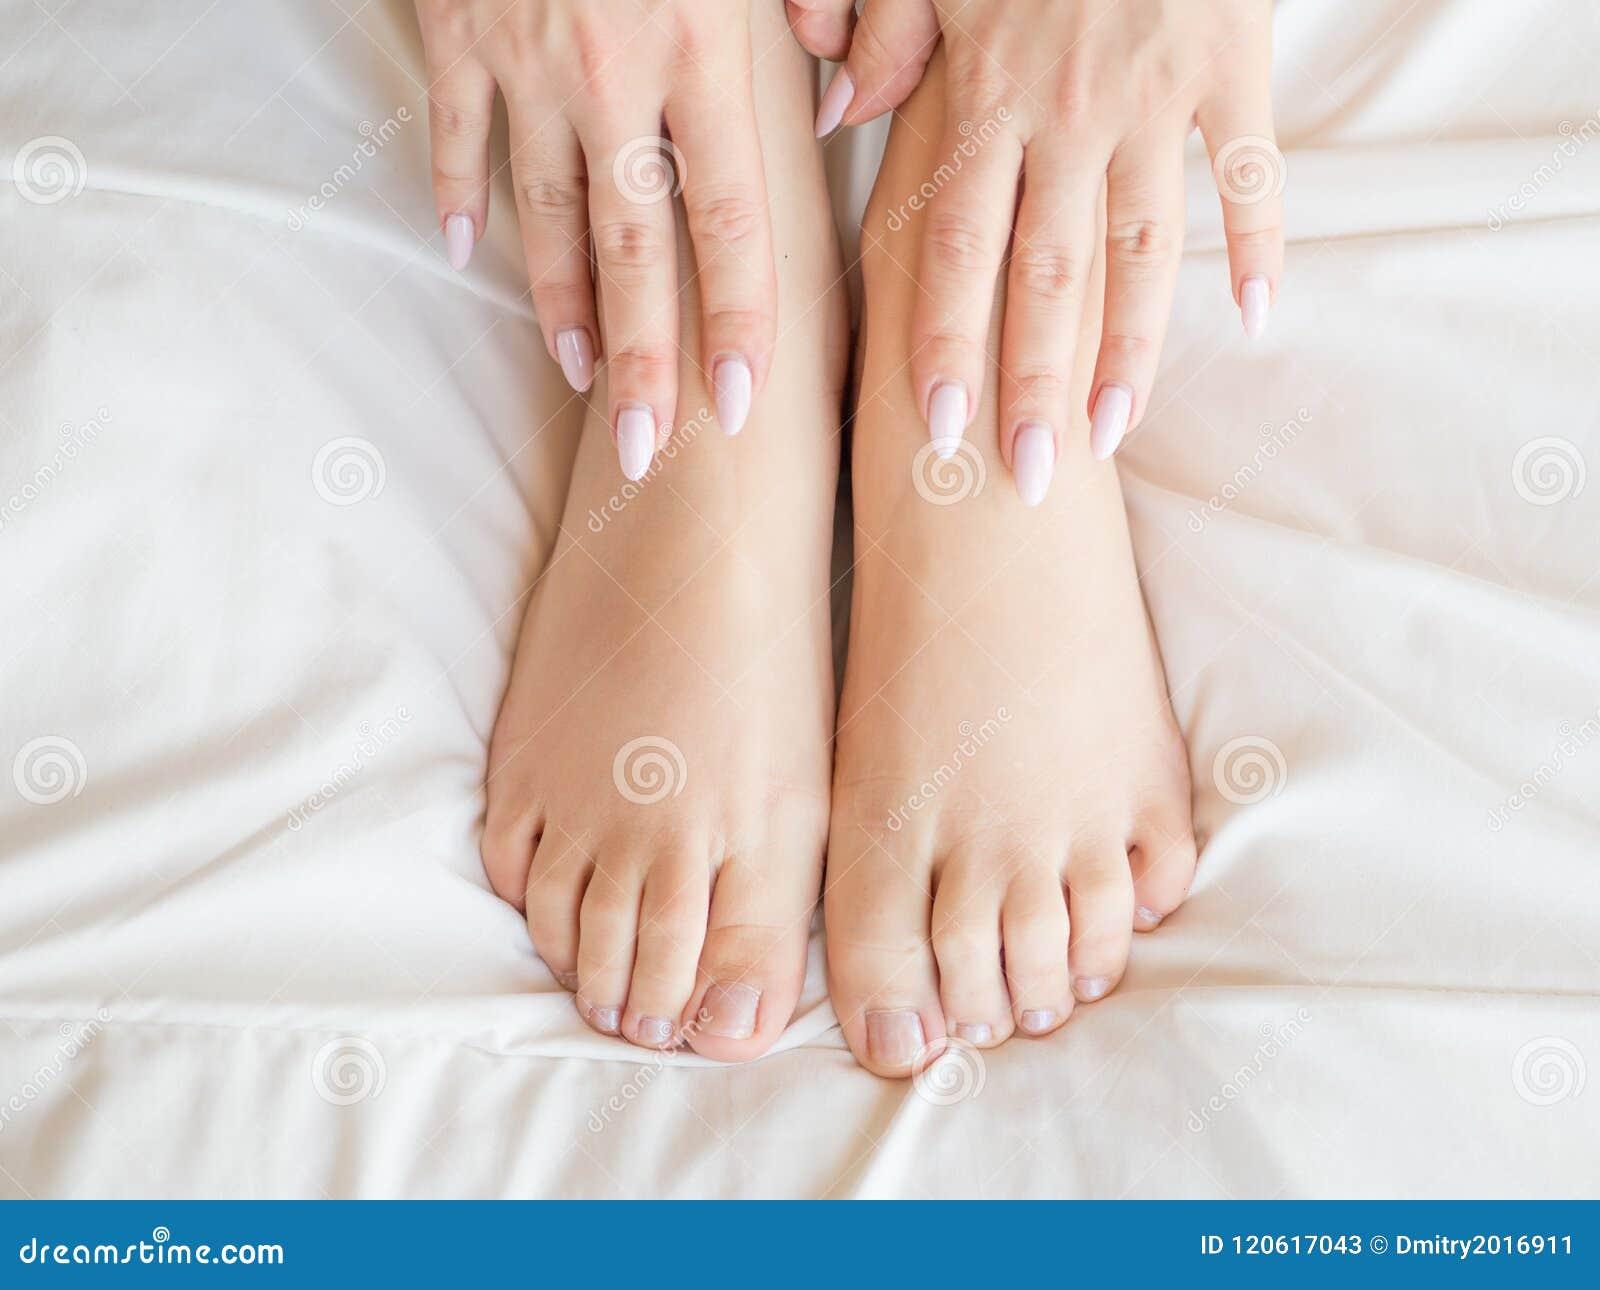 Dünne, perfekte und schöne gekreuzte Frauenbeine auf Bett Geerntetes Bild von auf Bettschönheit erotisch herein liegen